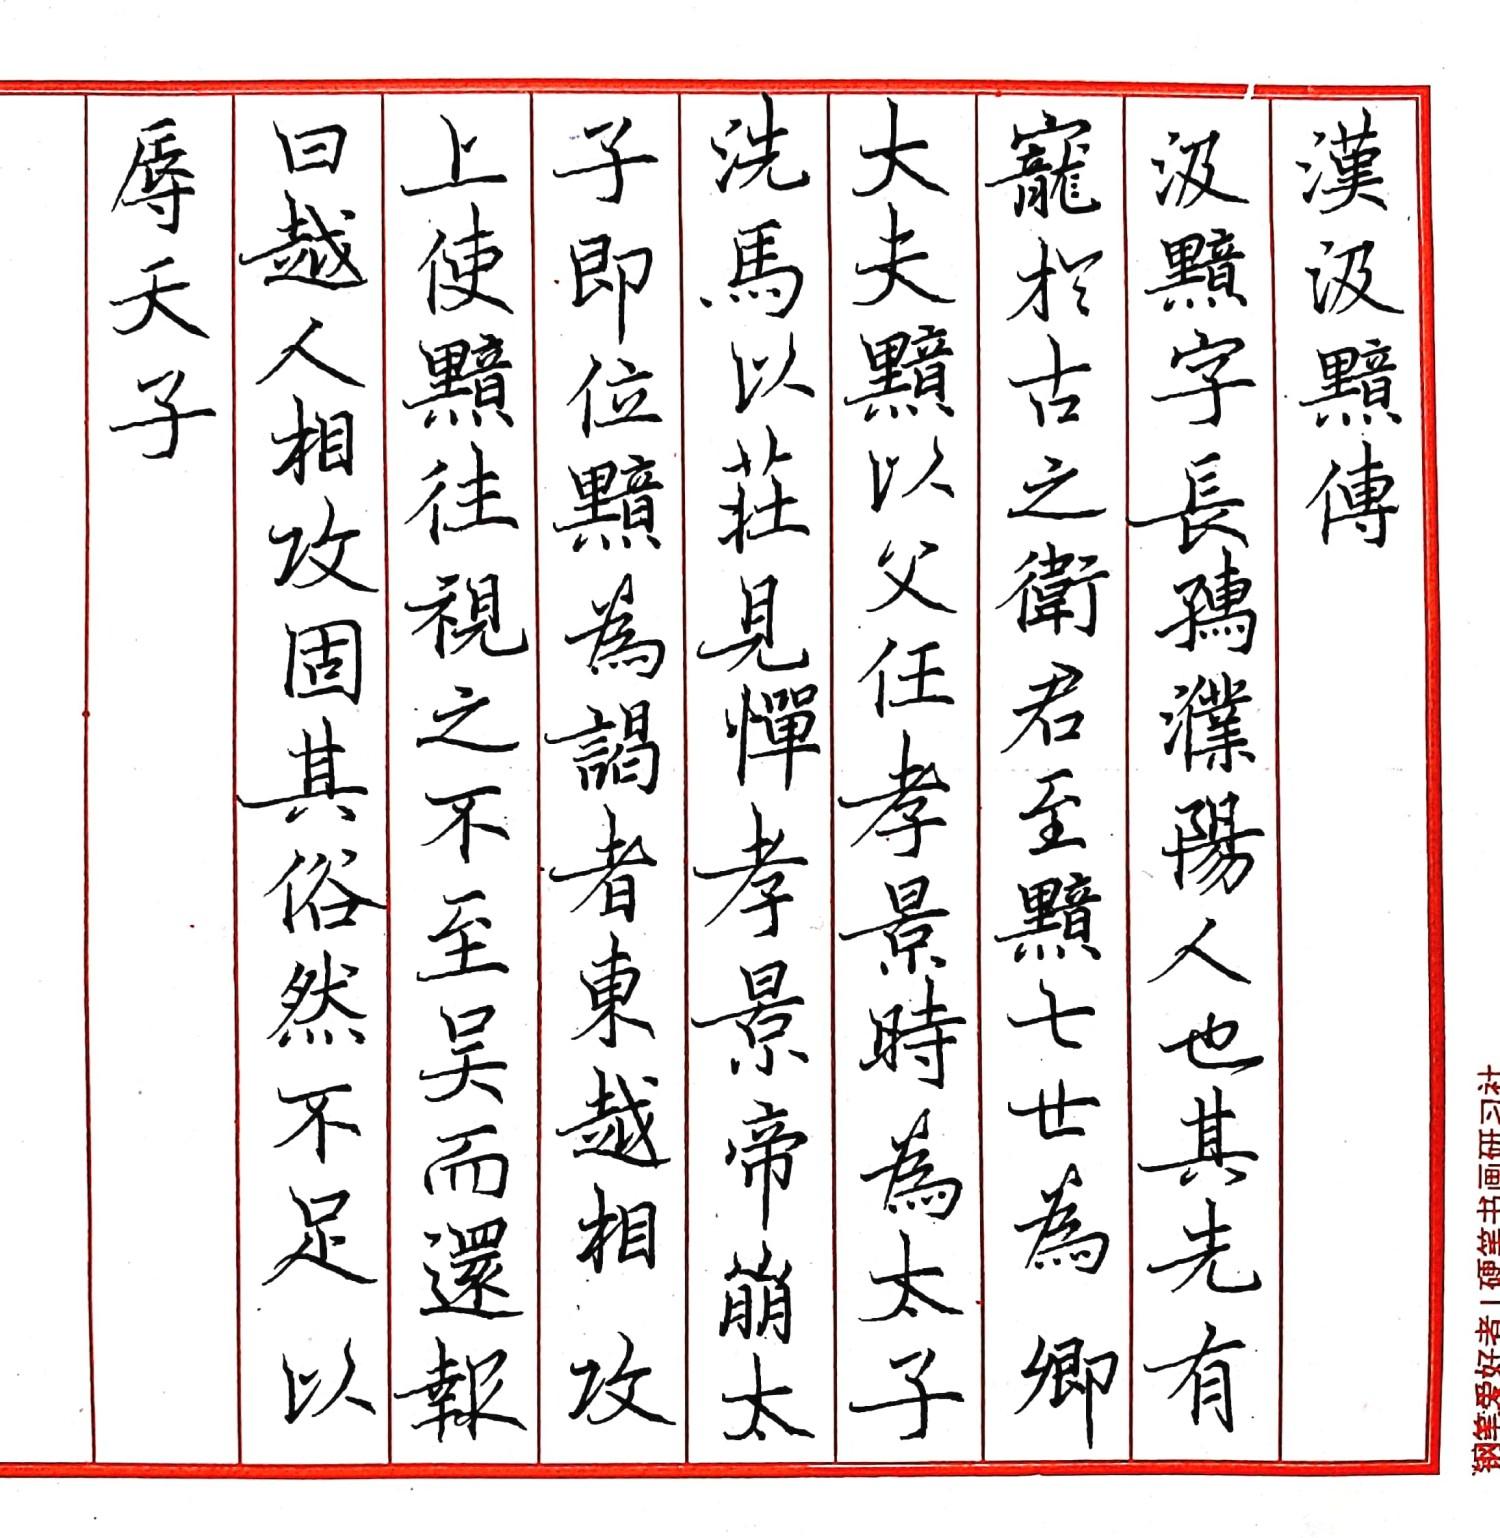 钢笔书法练字打卡20210615-16